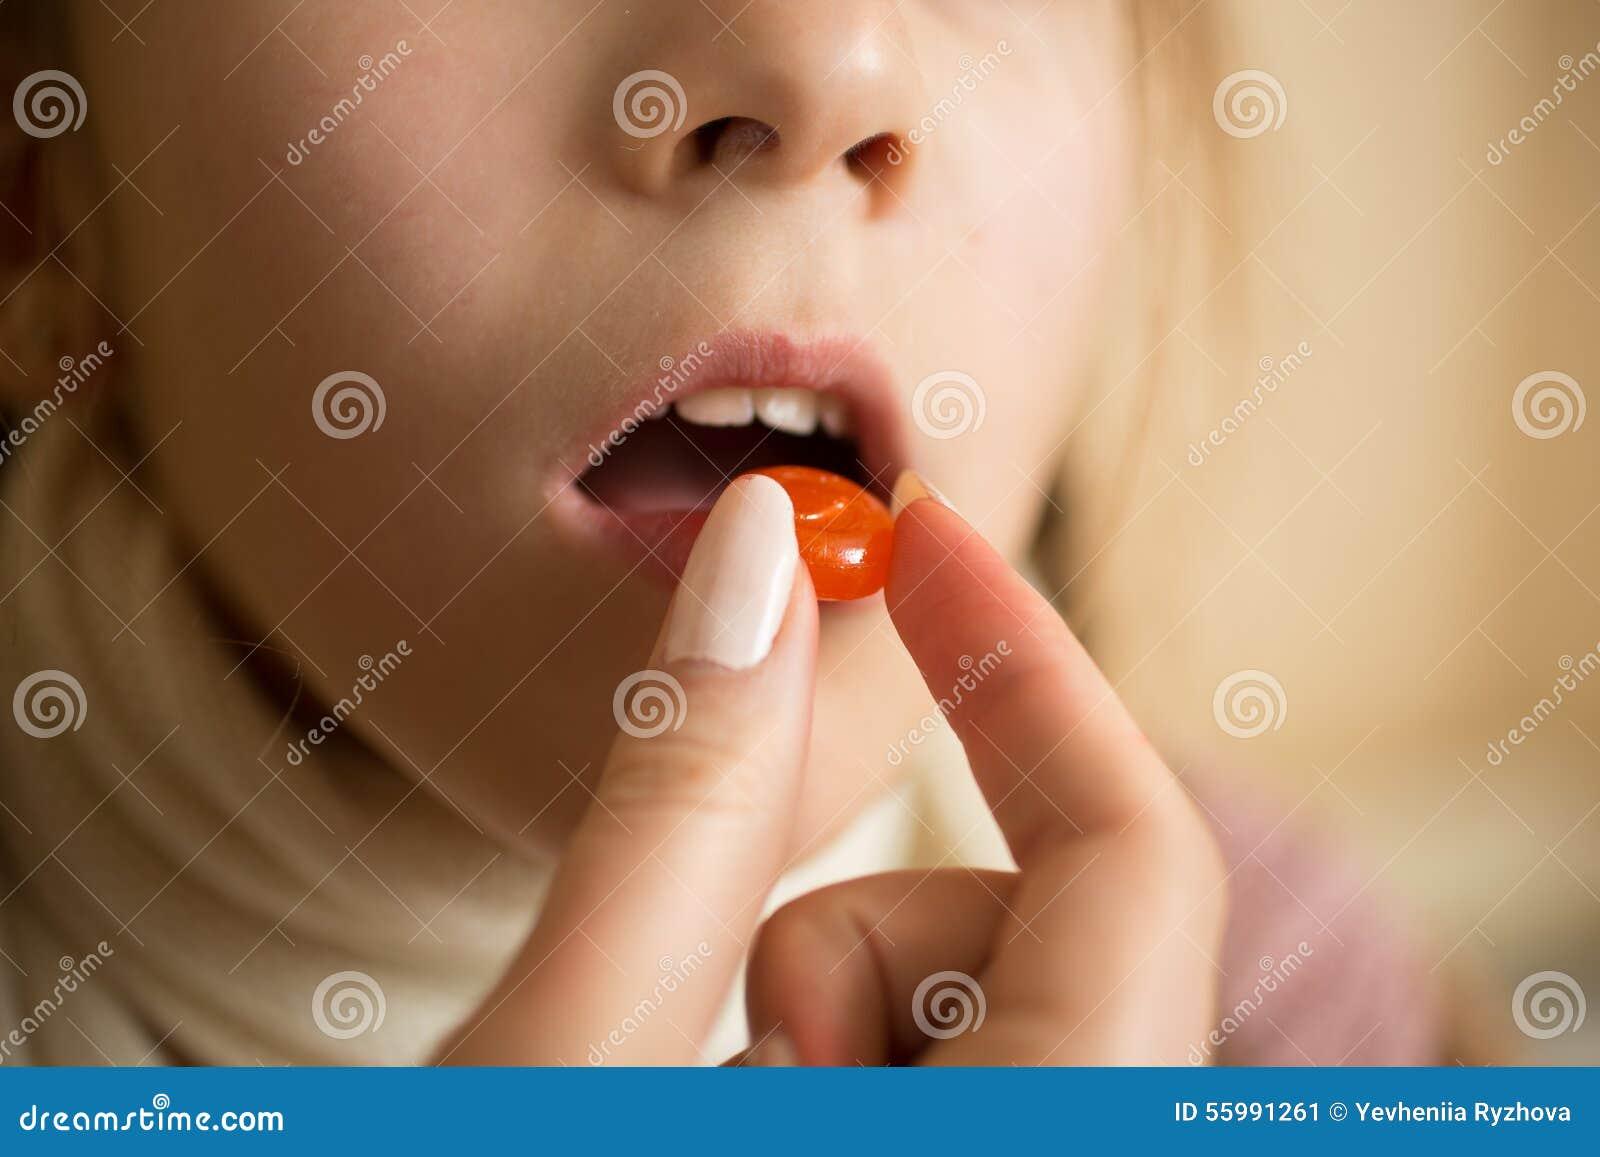 Makroschuß des kleinen Kranken mit dem Grippemädchen, das Pille im Mund einnimmt